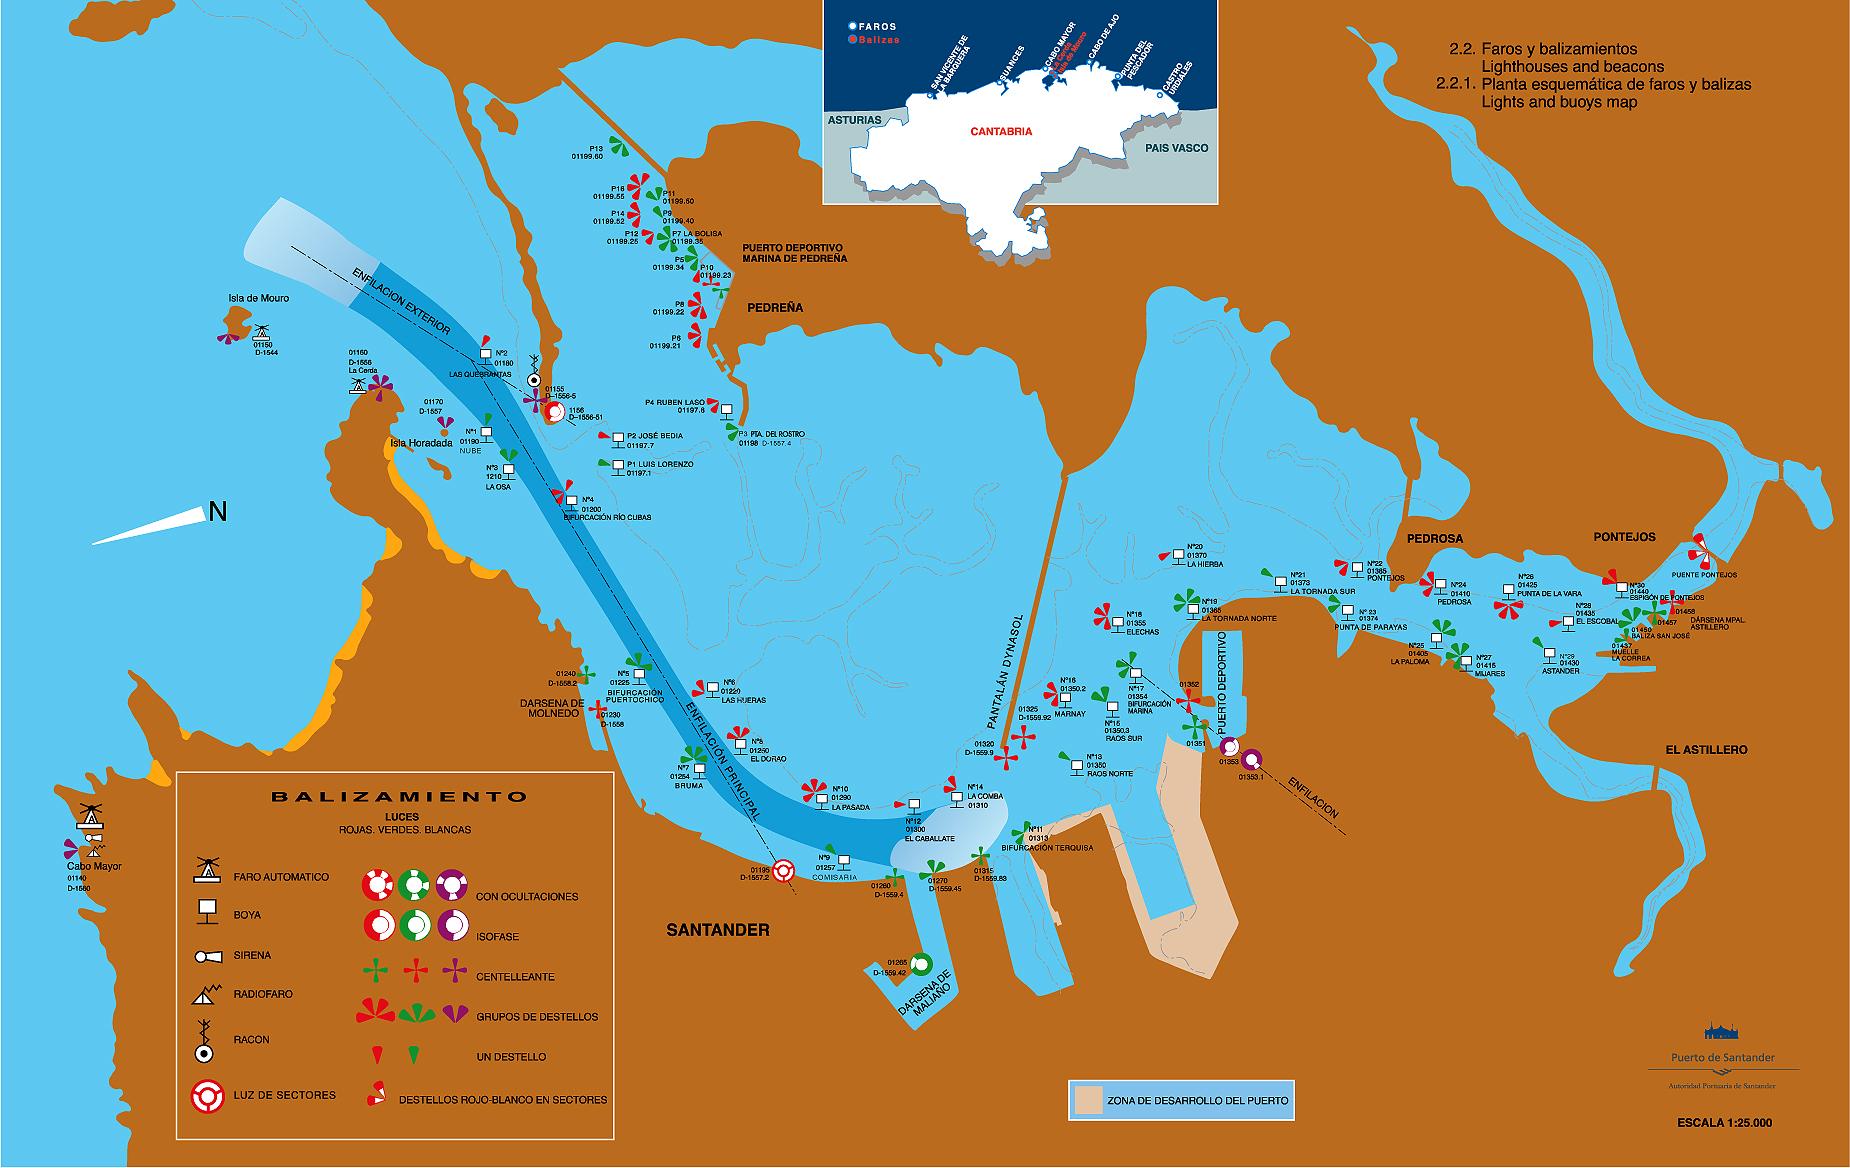 Balizamiento de la Bahía de Santander